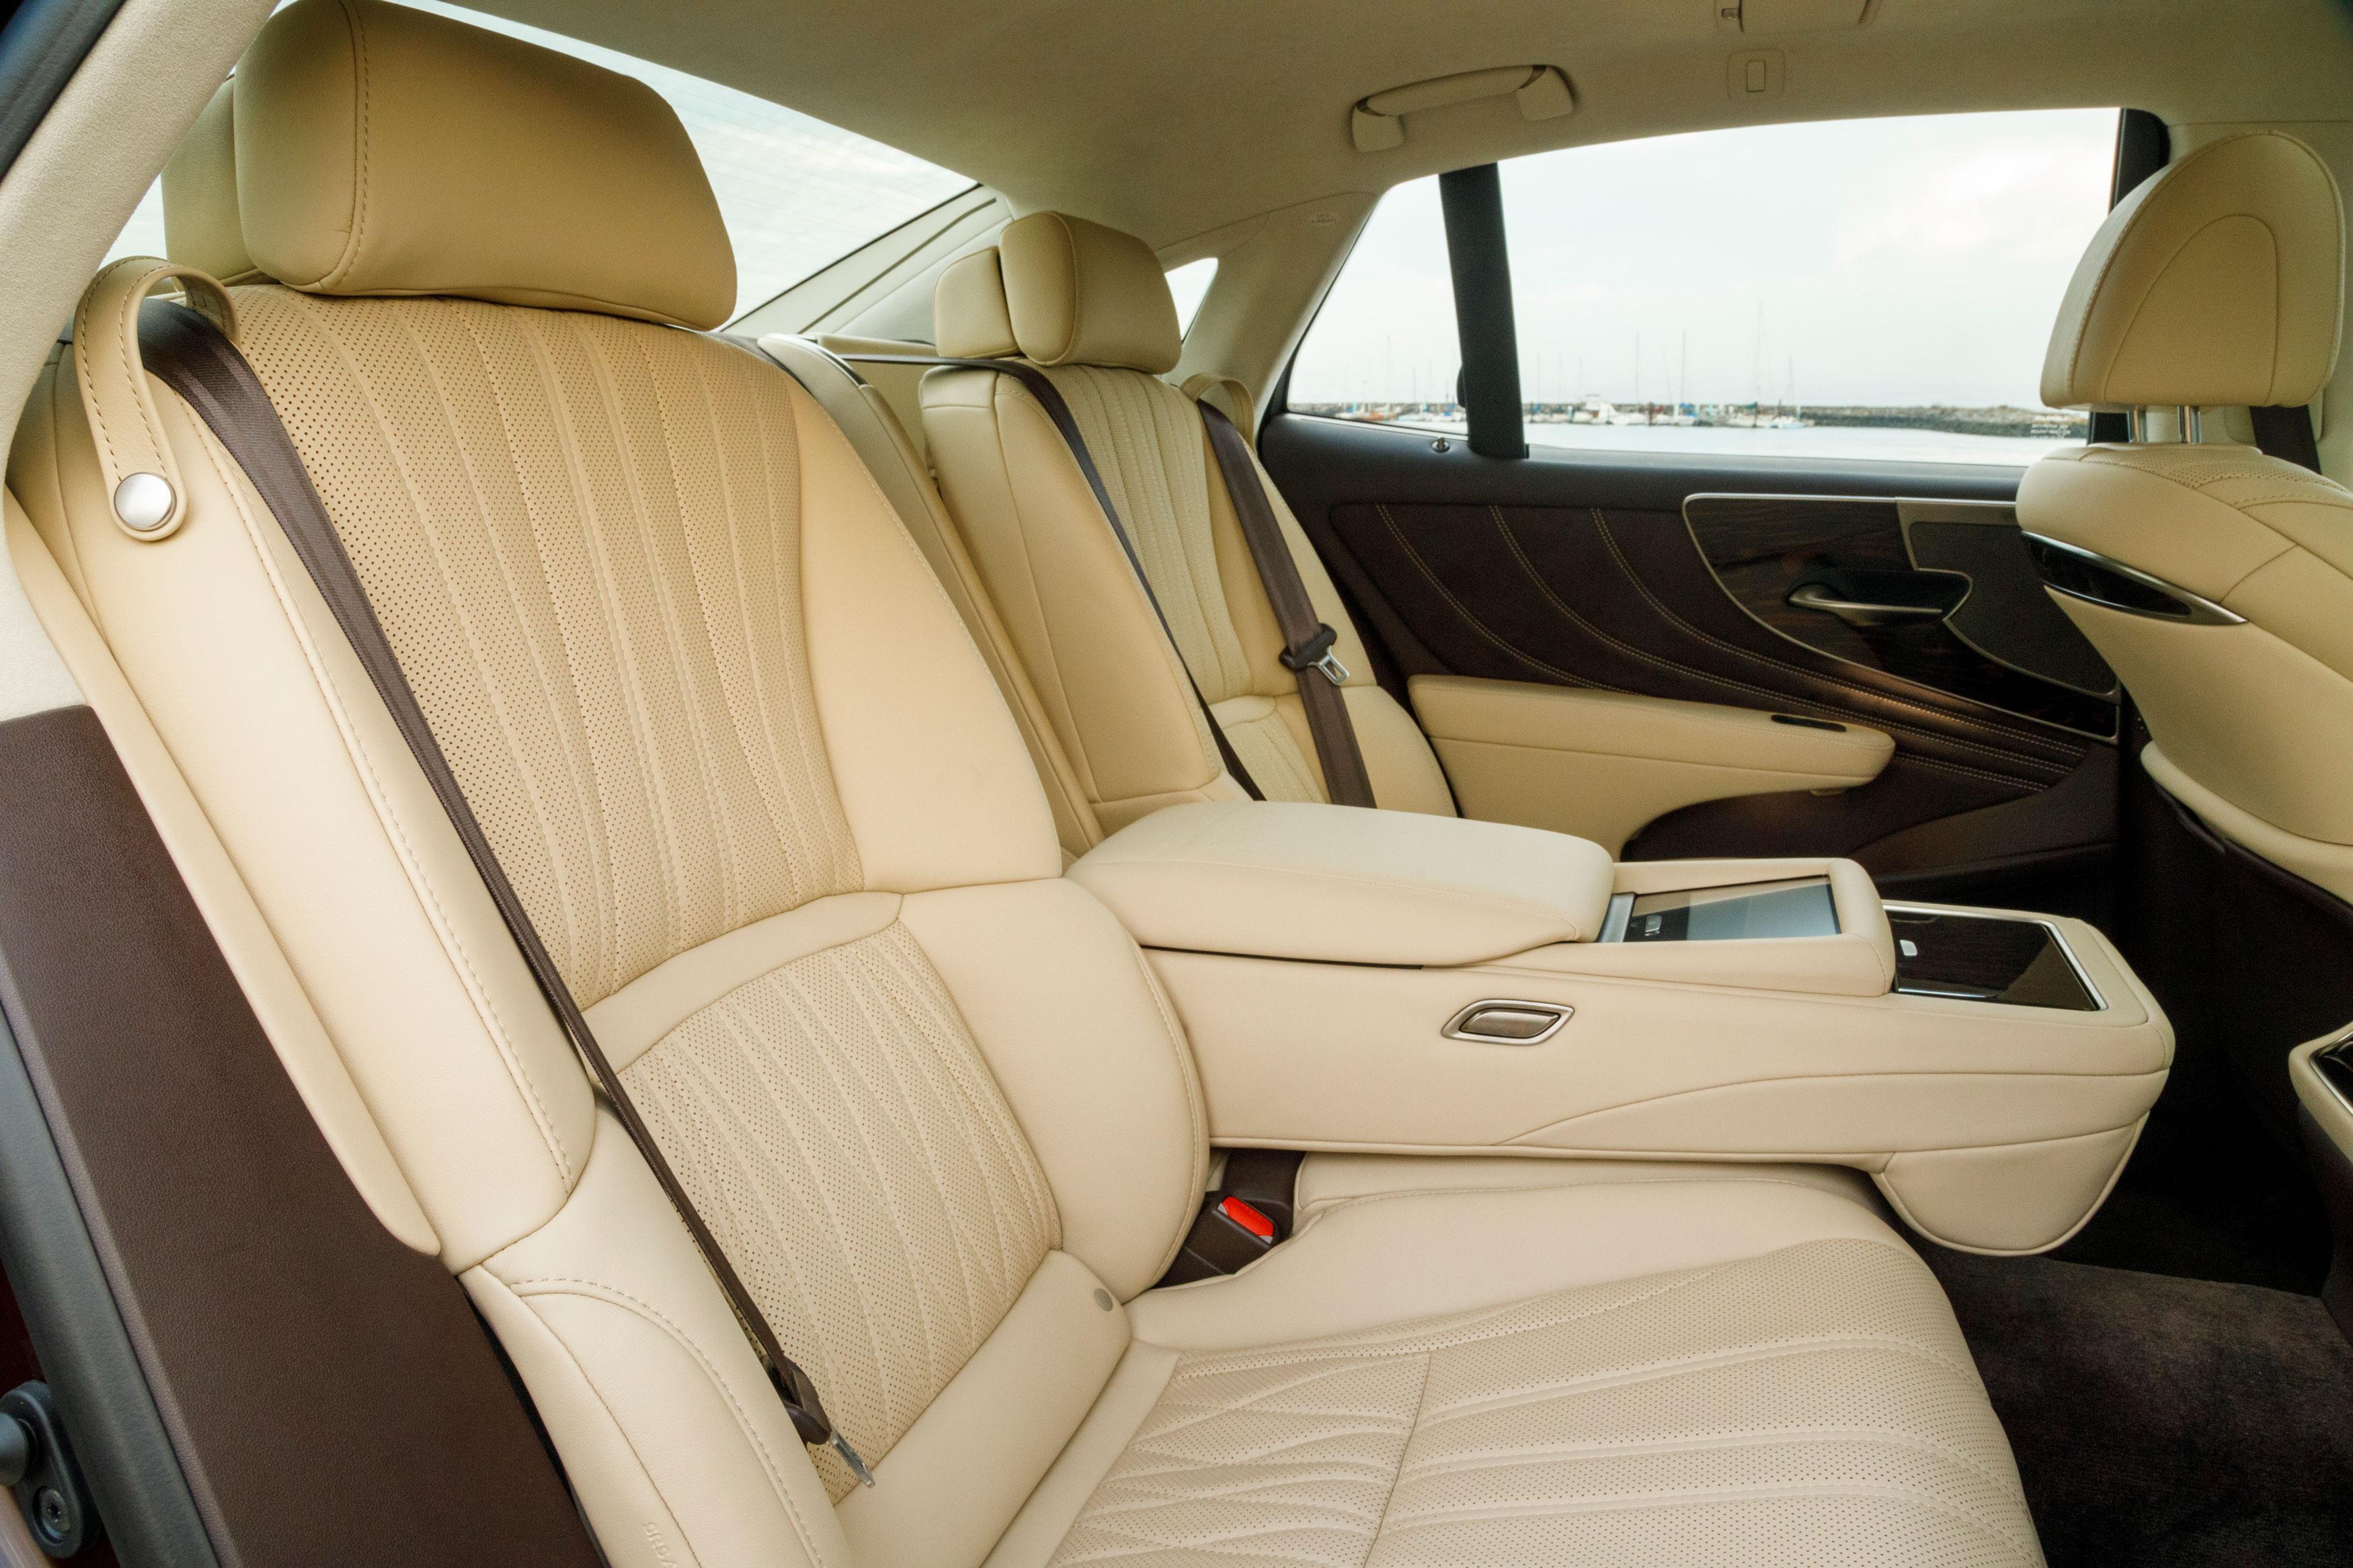 2007 Bmw 335xi >> VWVortex.com - New-gen 2018 Lexus LS flagship sedan ...